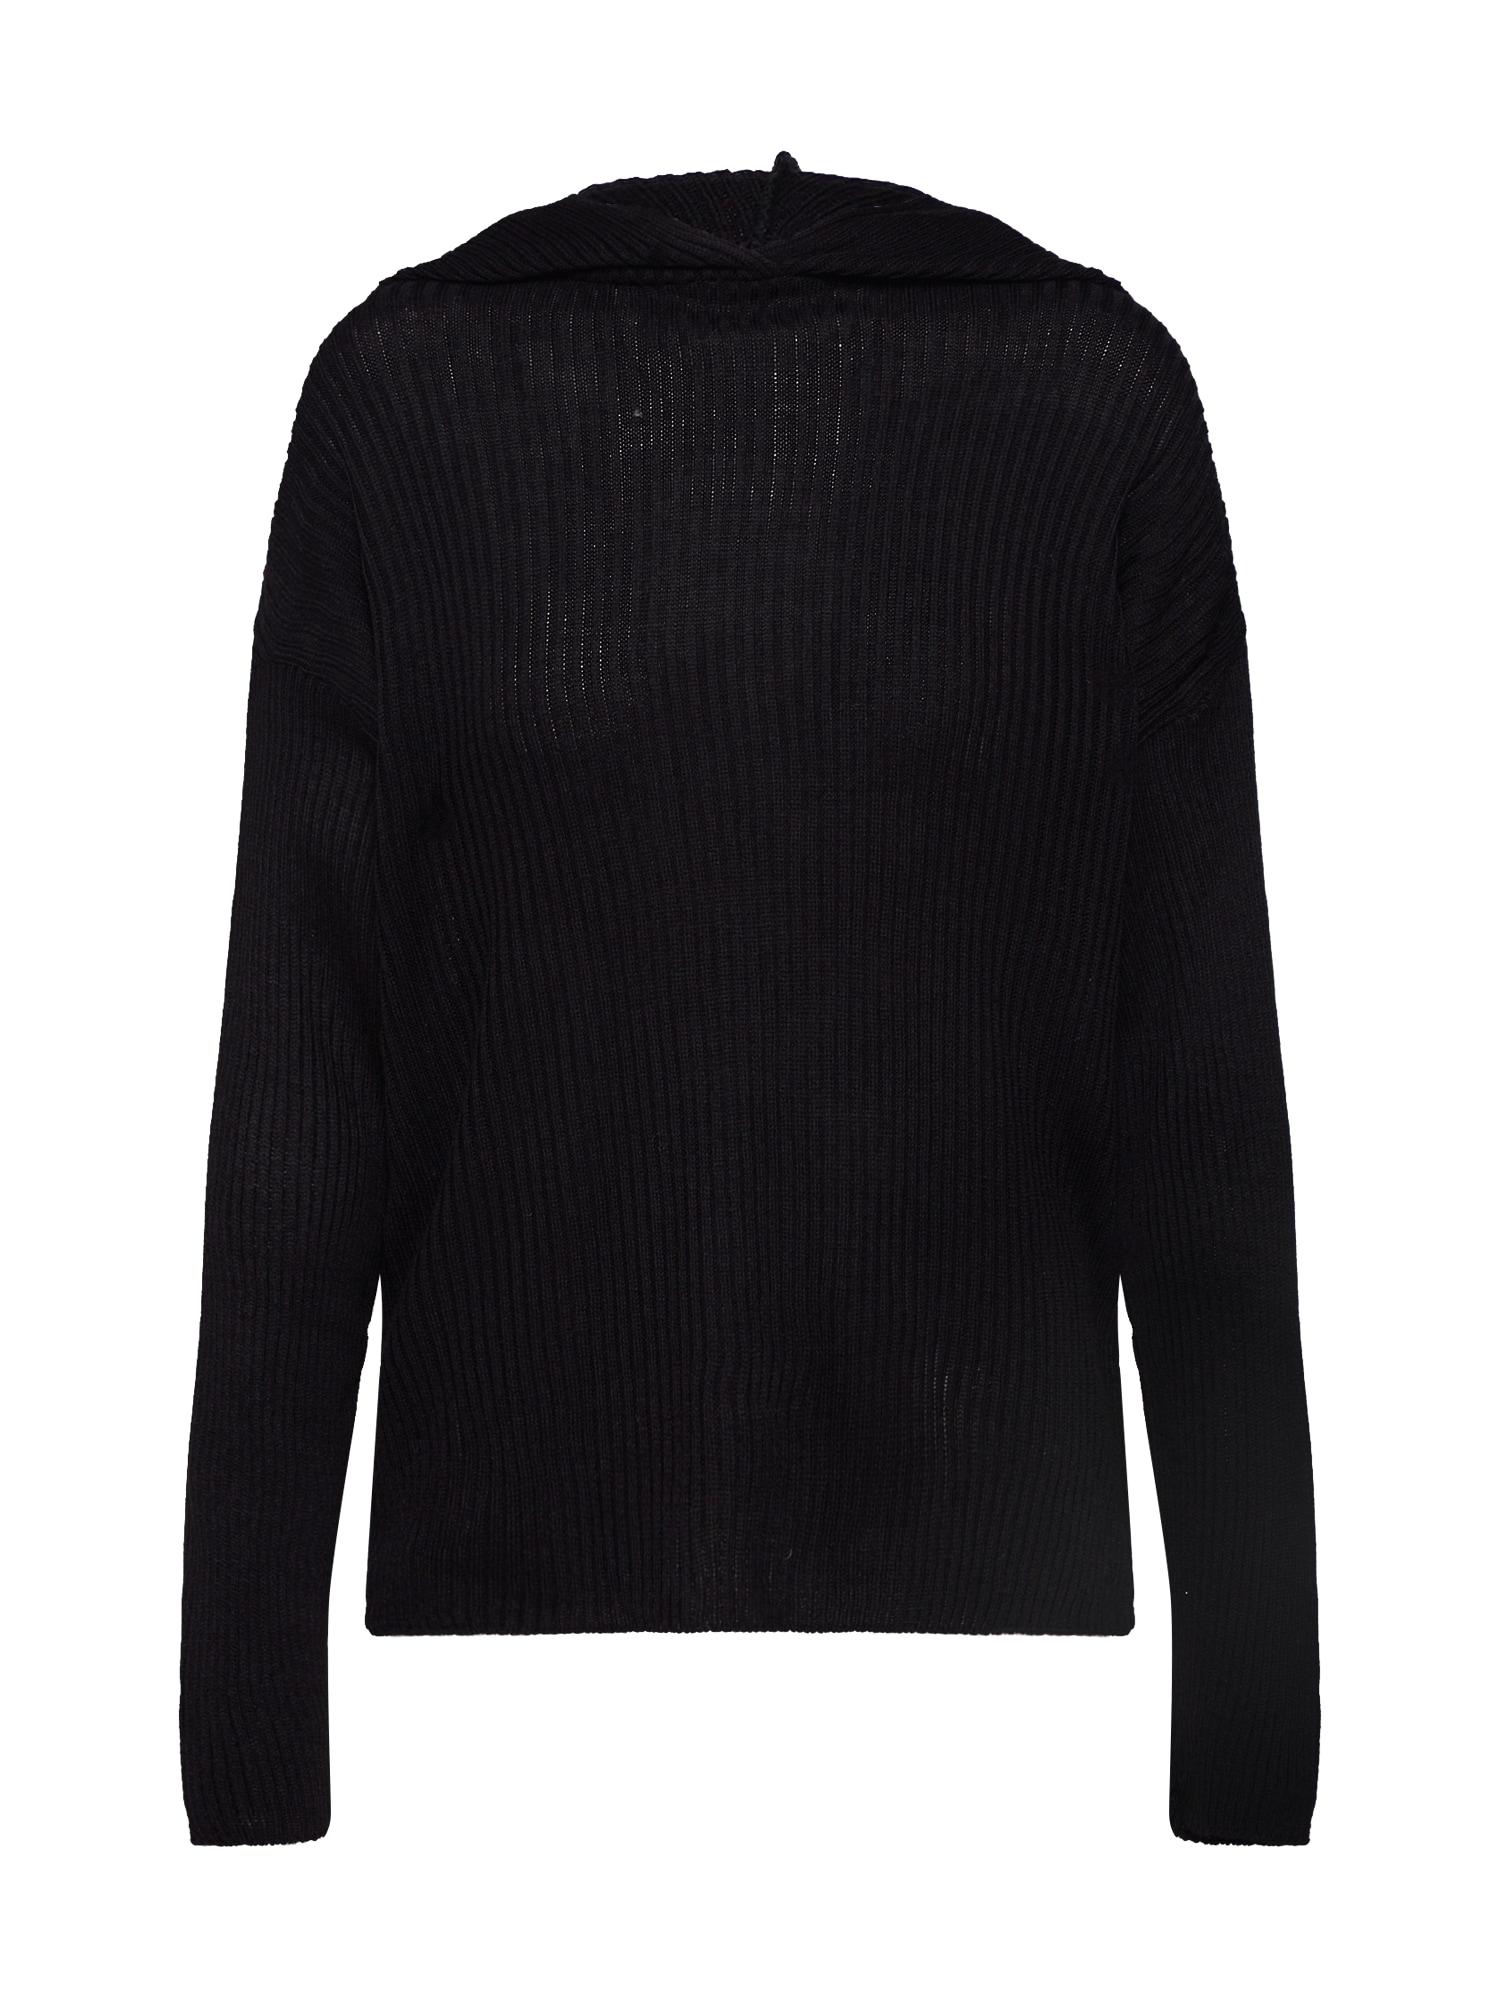 Damen GLAMOROUS Pullover  'LC1024' schwarz | 05057576841709